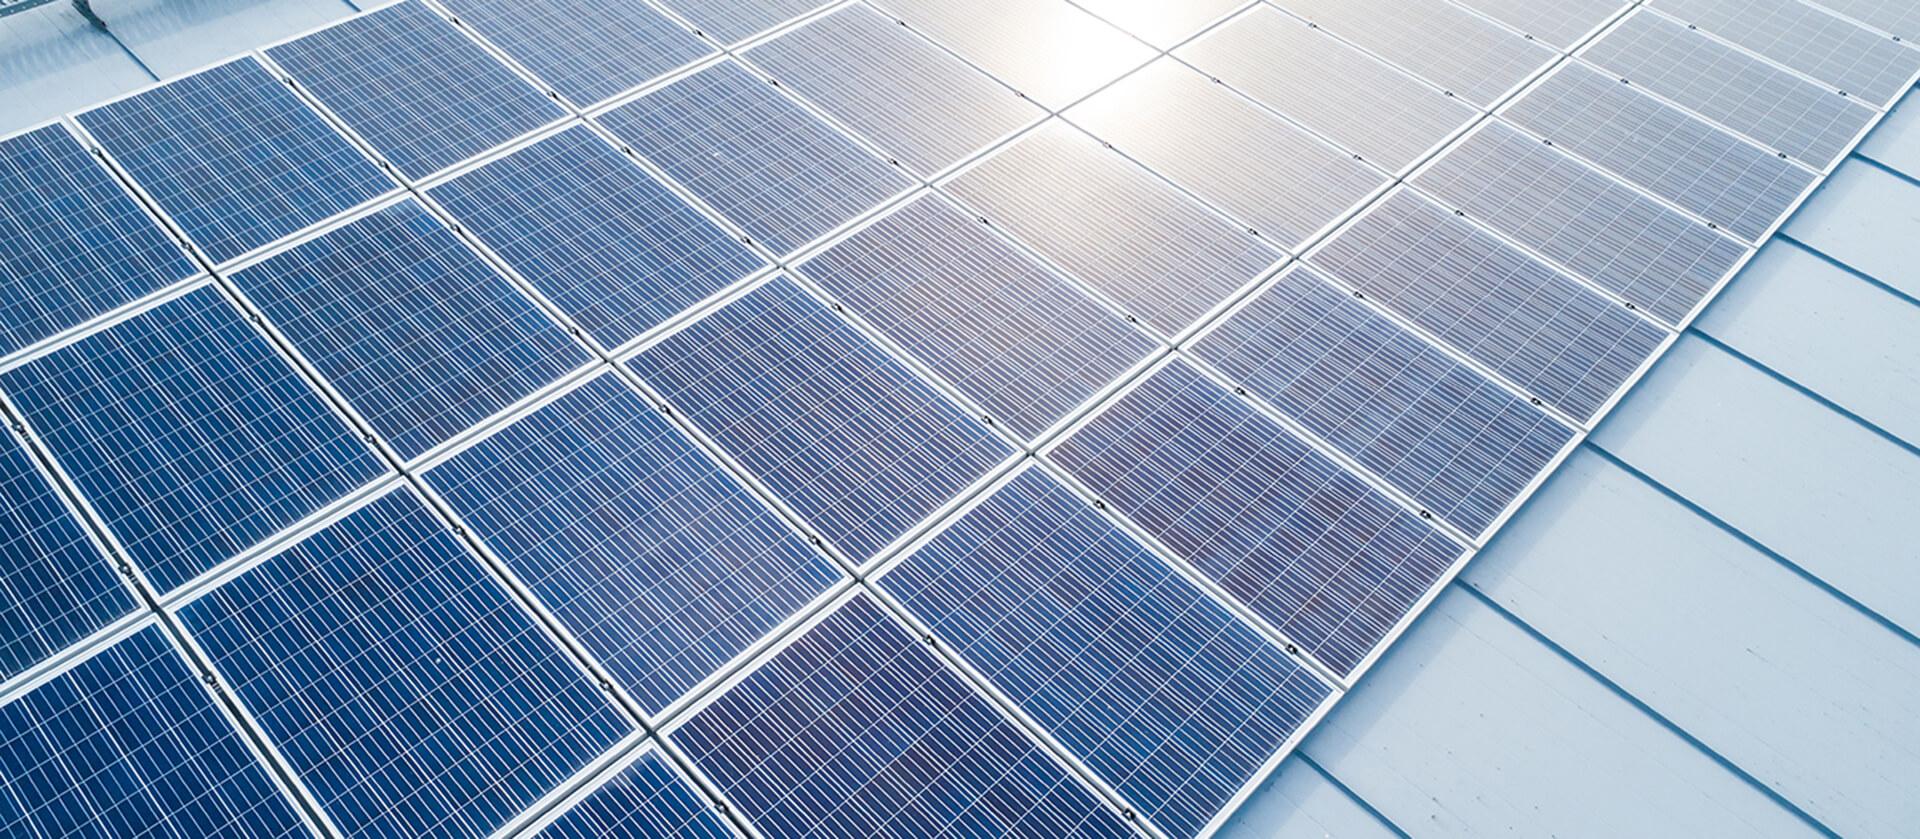 yrmy-aurinkopaneelit-yrityksille-hero-1920px